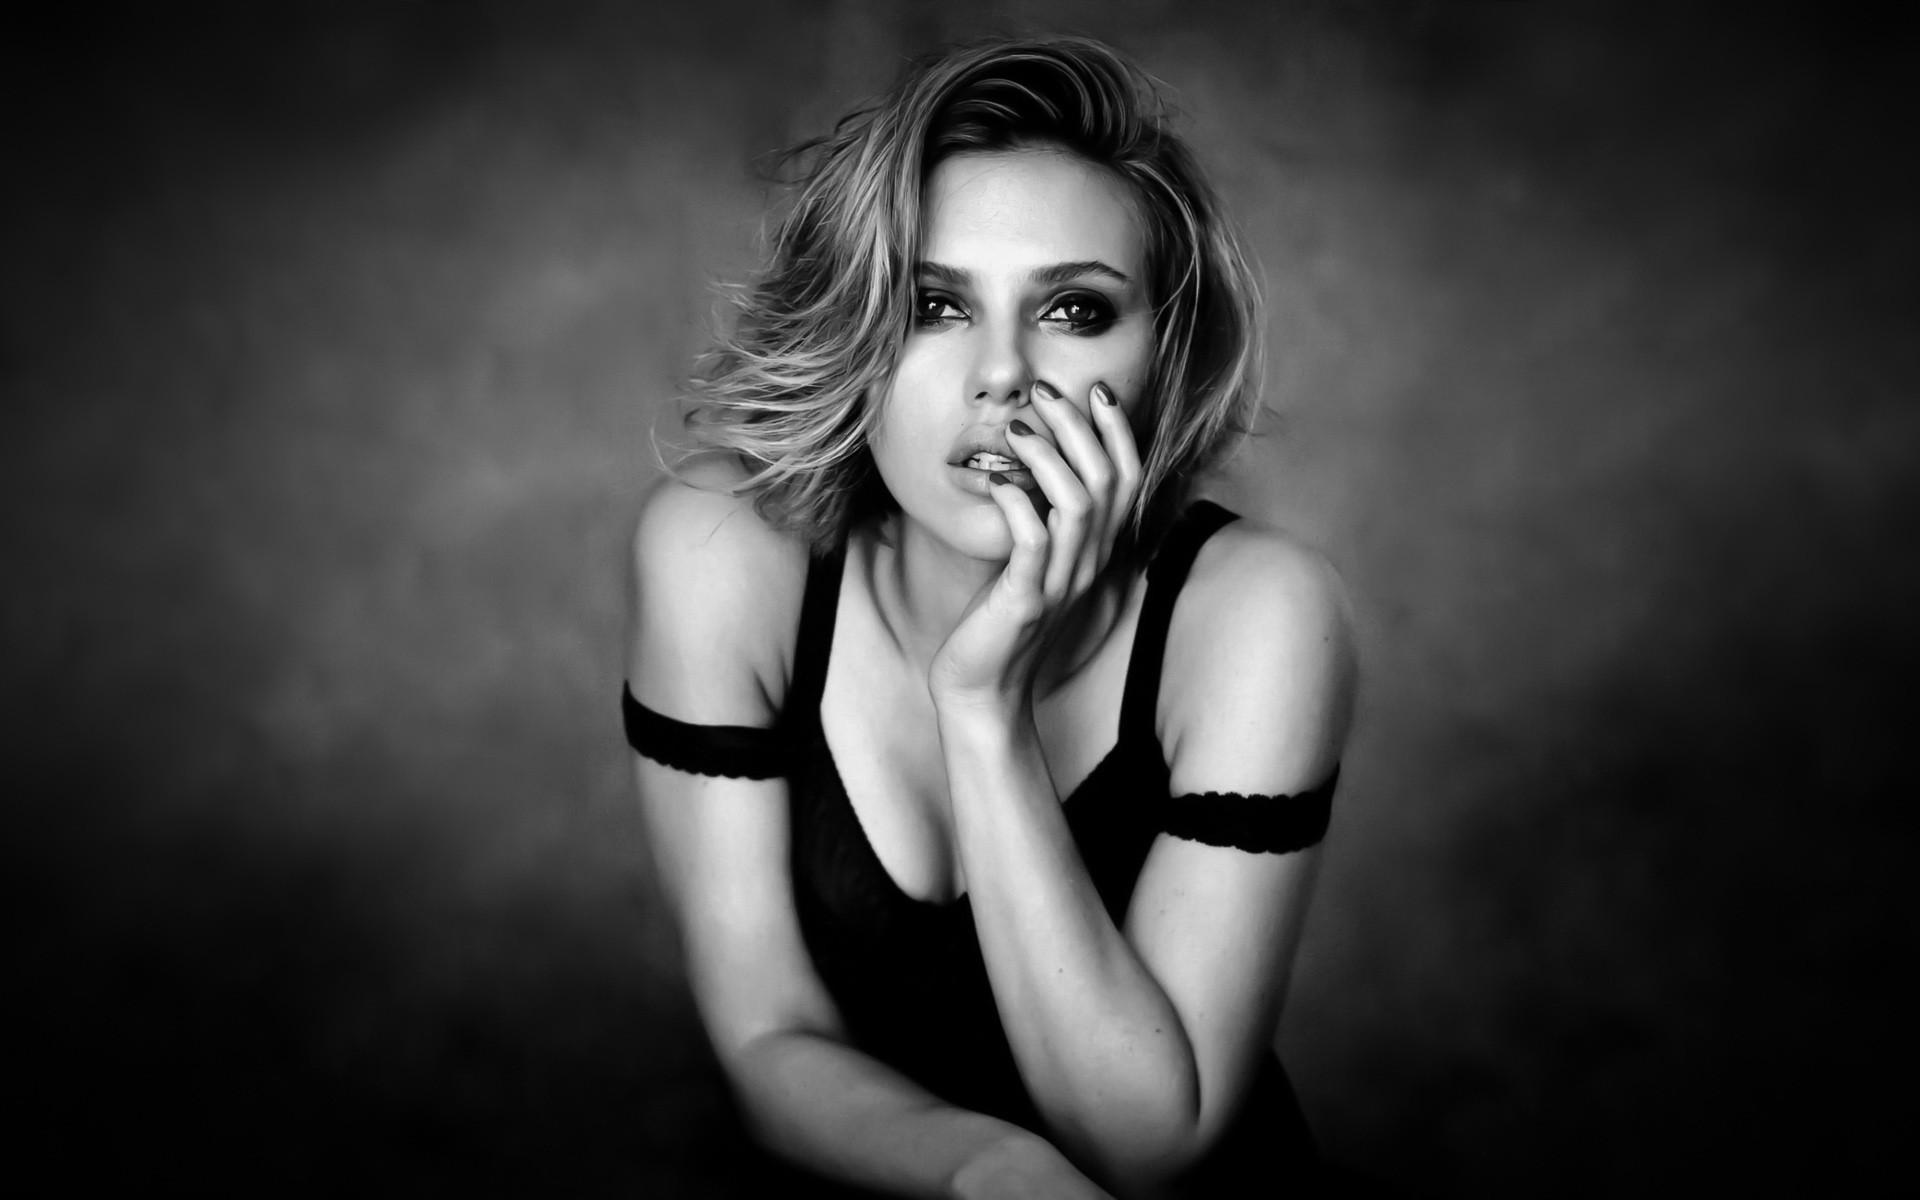 Scarlett Johansson 59 wallpaper